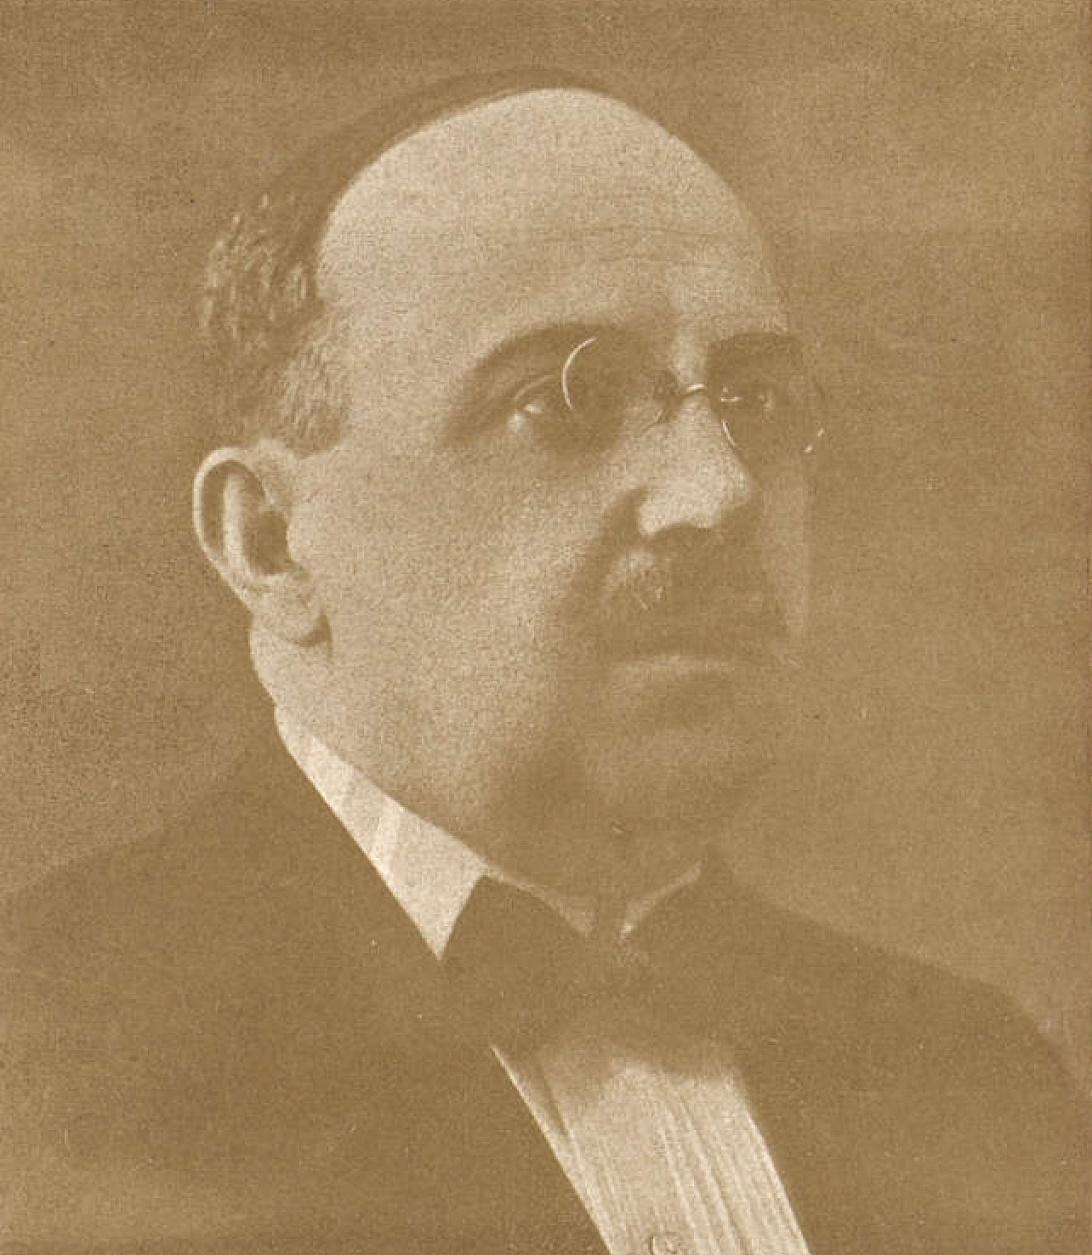 José López Pinillos